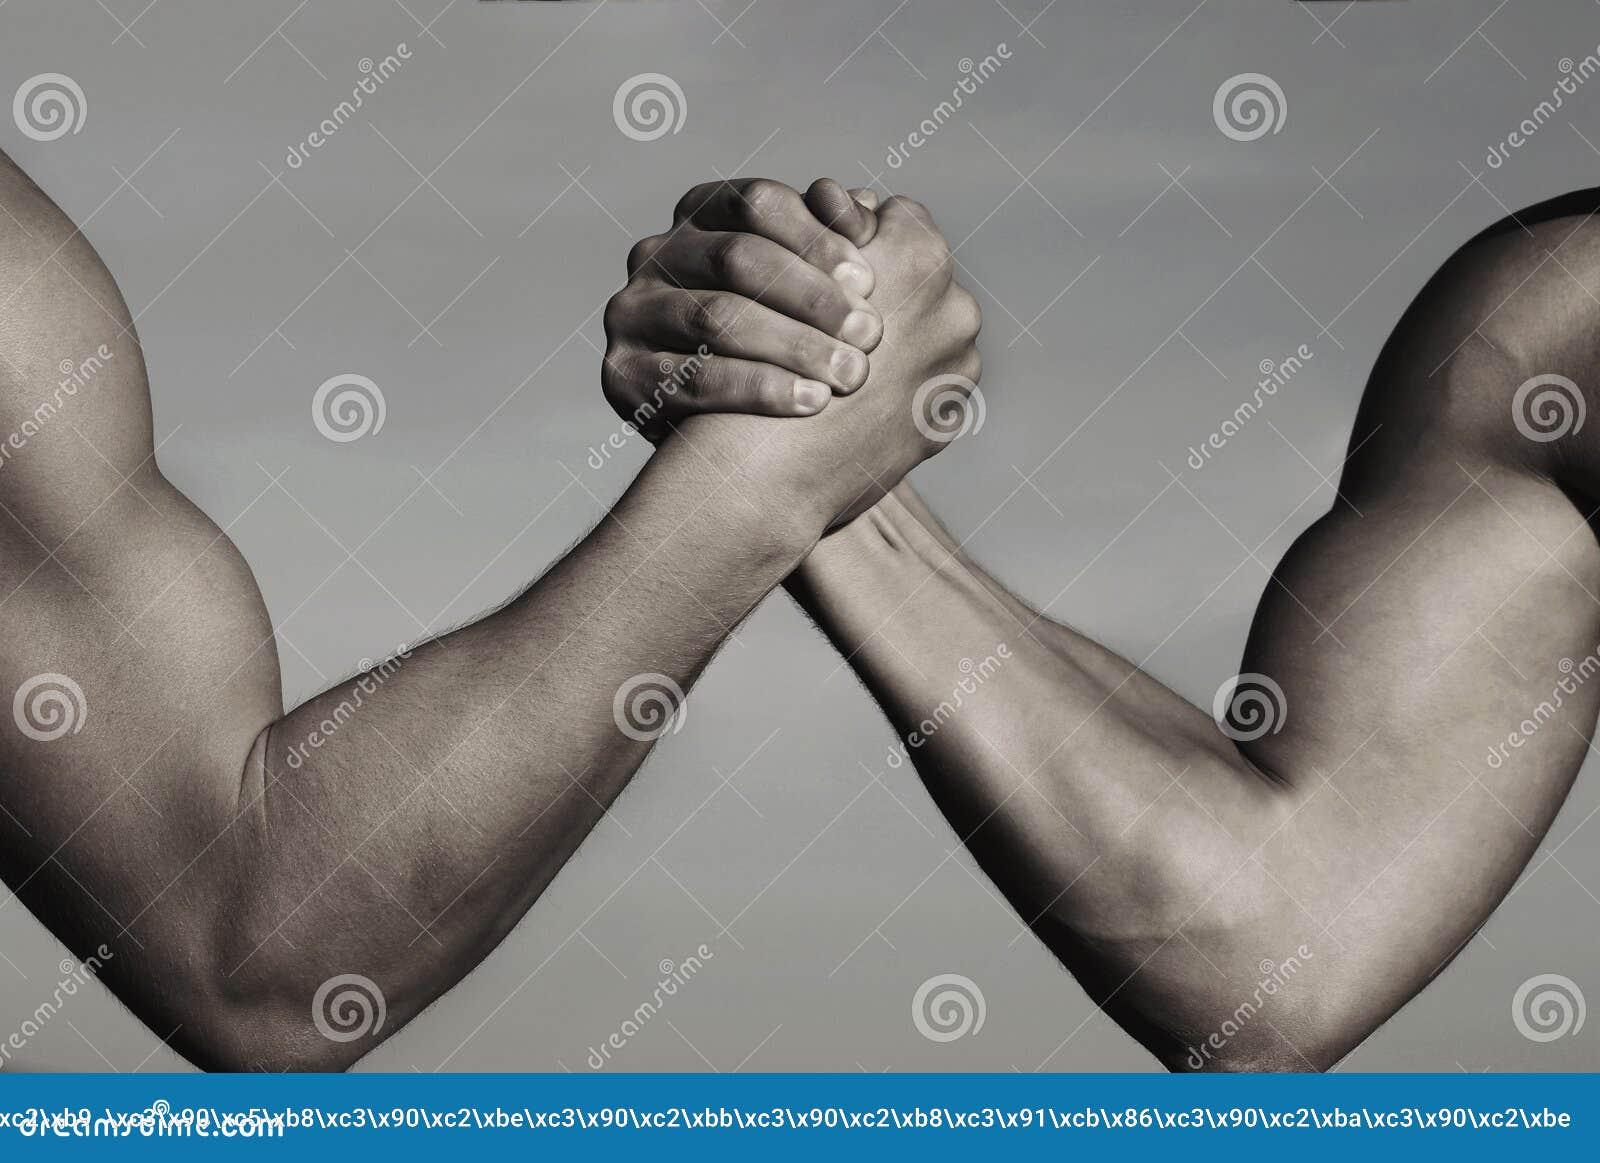 Ανταγωνισμός, εναντίον, πρόκληση, σύγκριση δύναμης ενάντια στη ληφθείσα άτομα άσπρη πάλη δύο ανασκόπησης βραχιόνων Όπλα που παλεύ